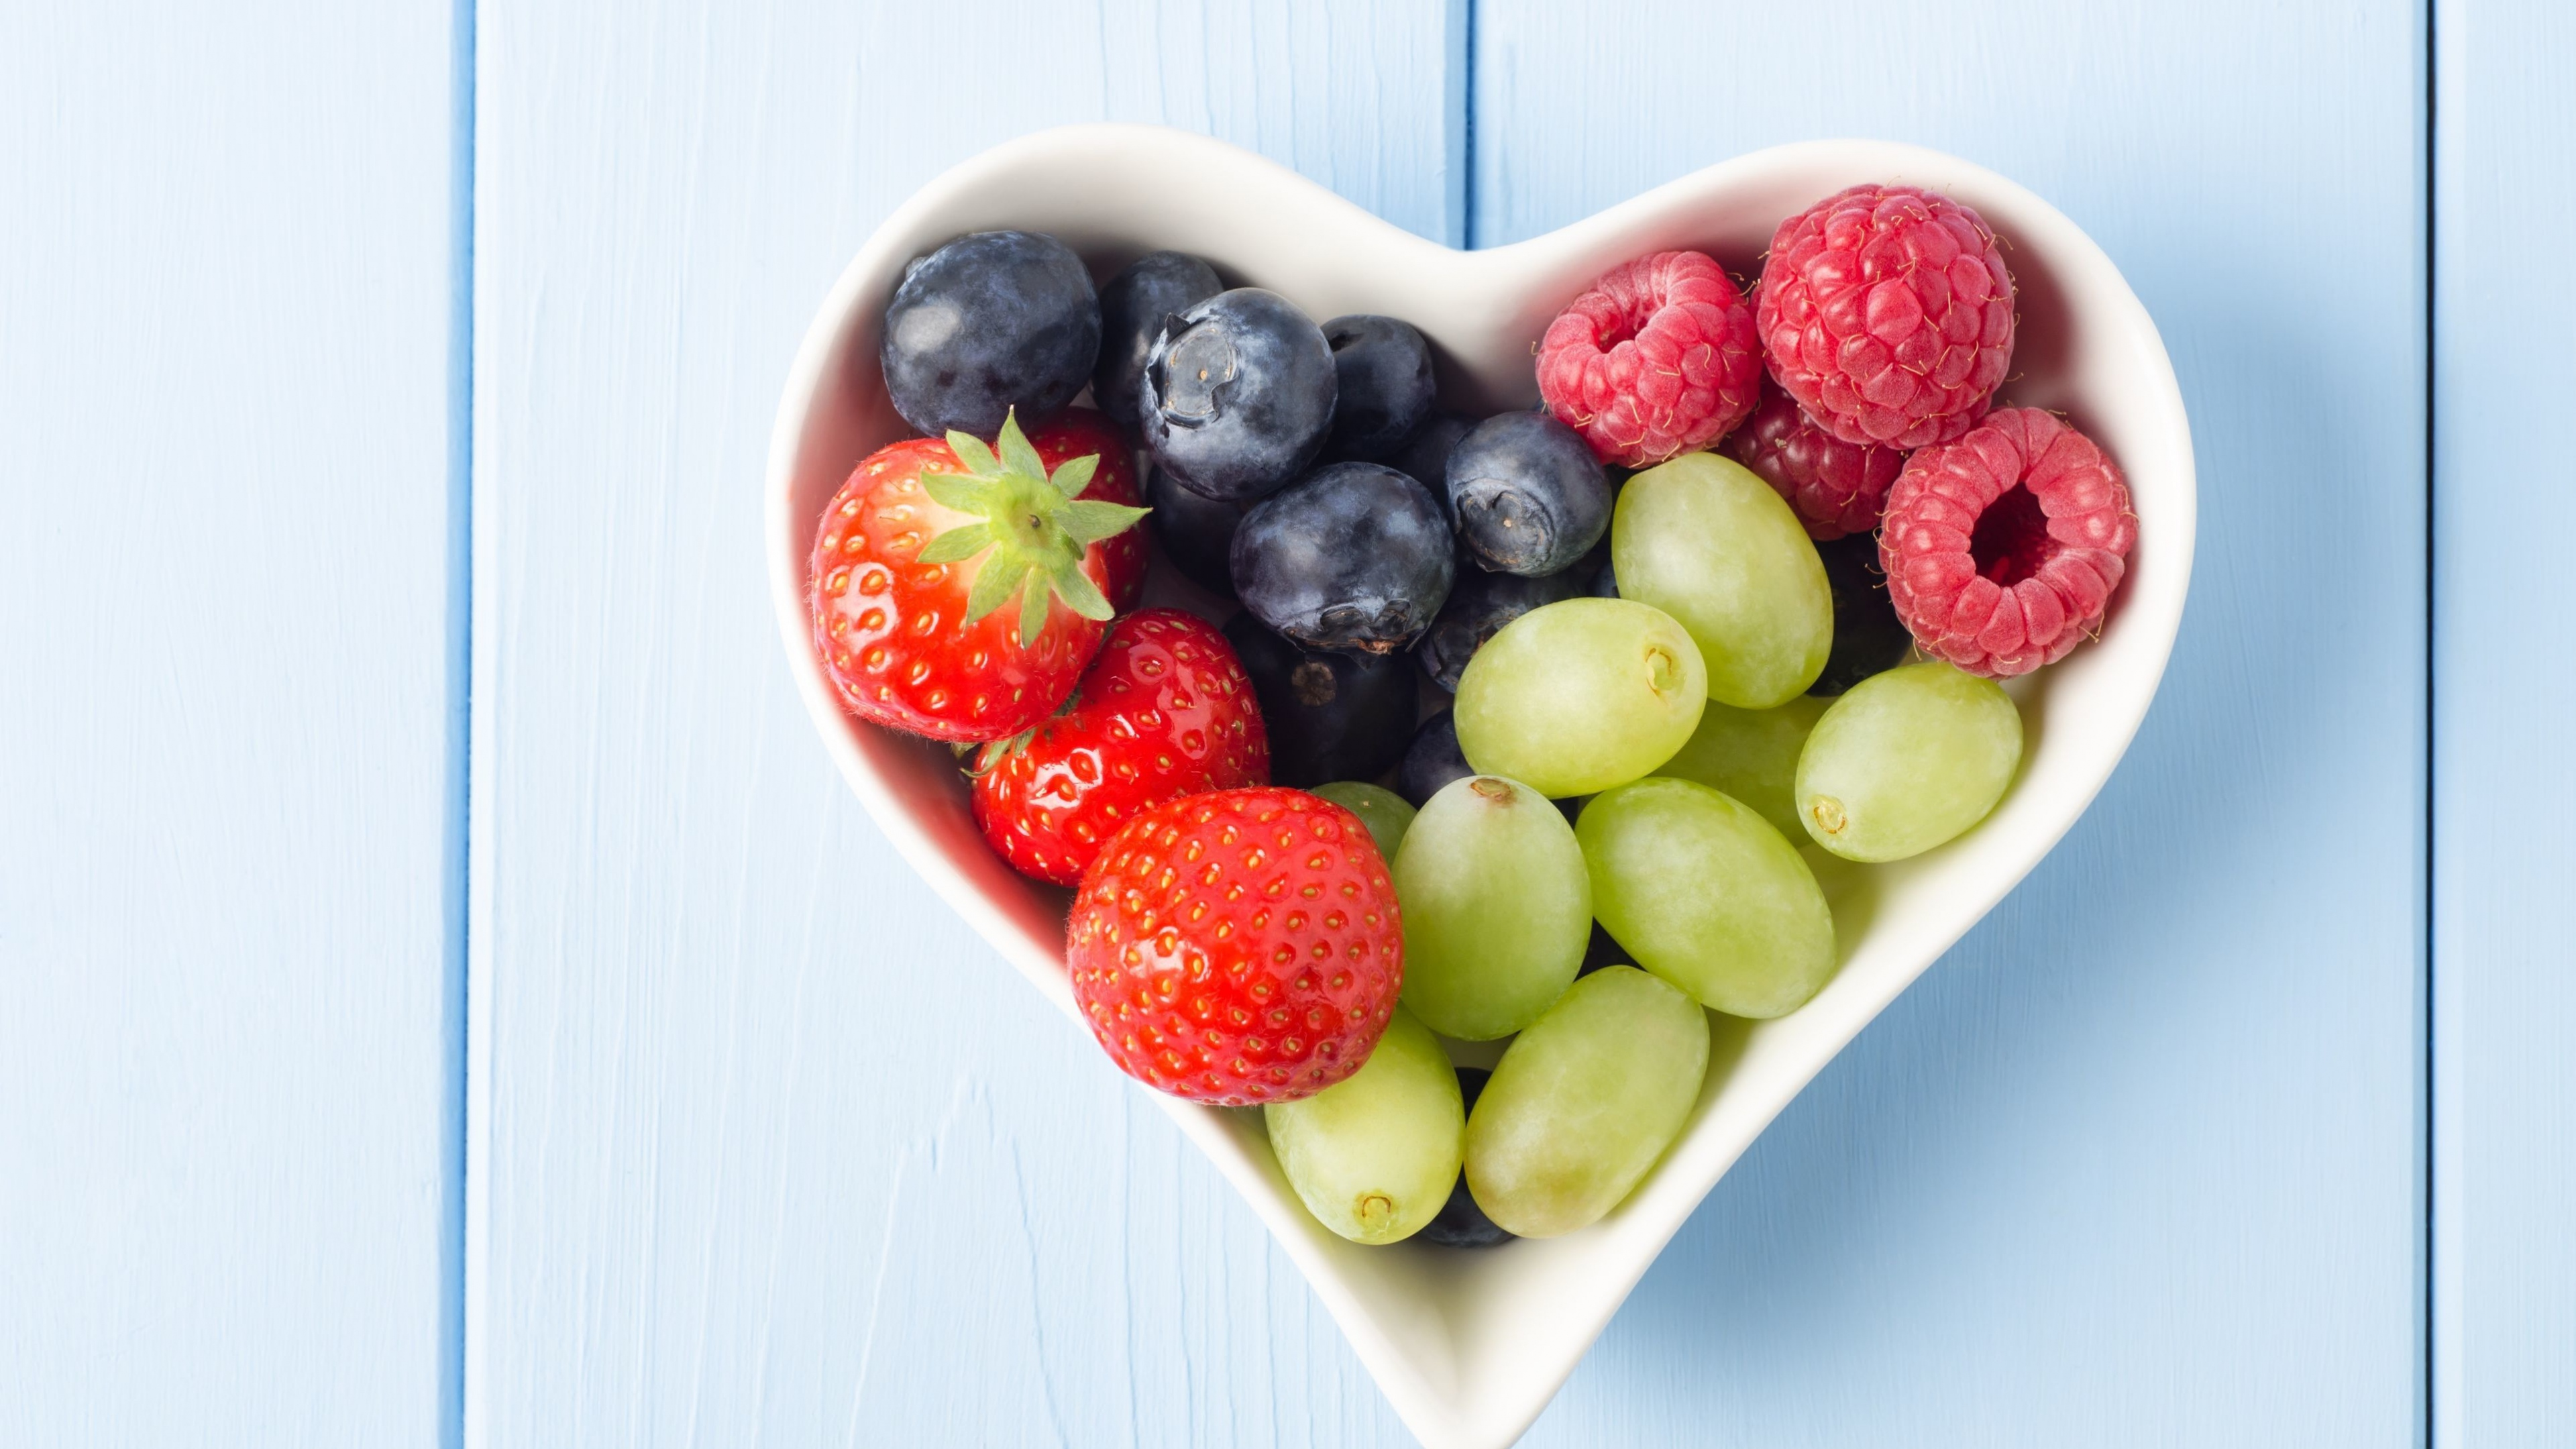 Mixed Berries & Fruit